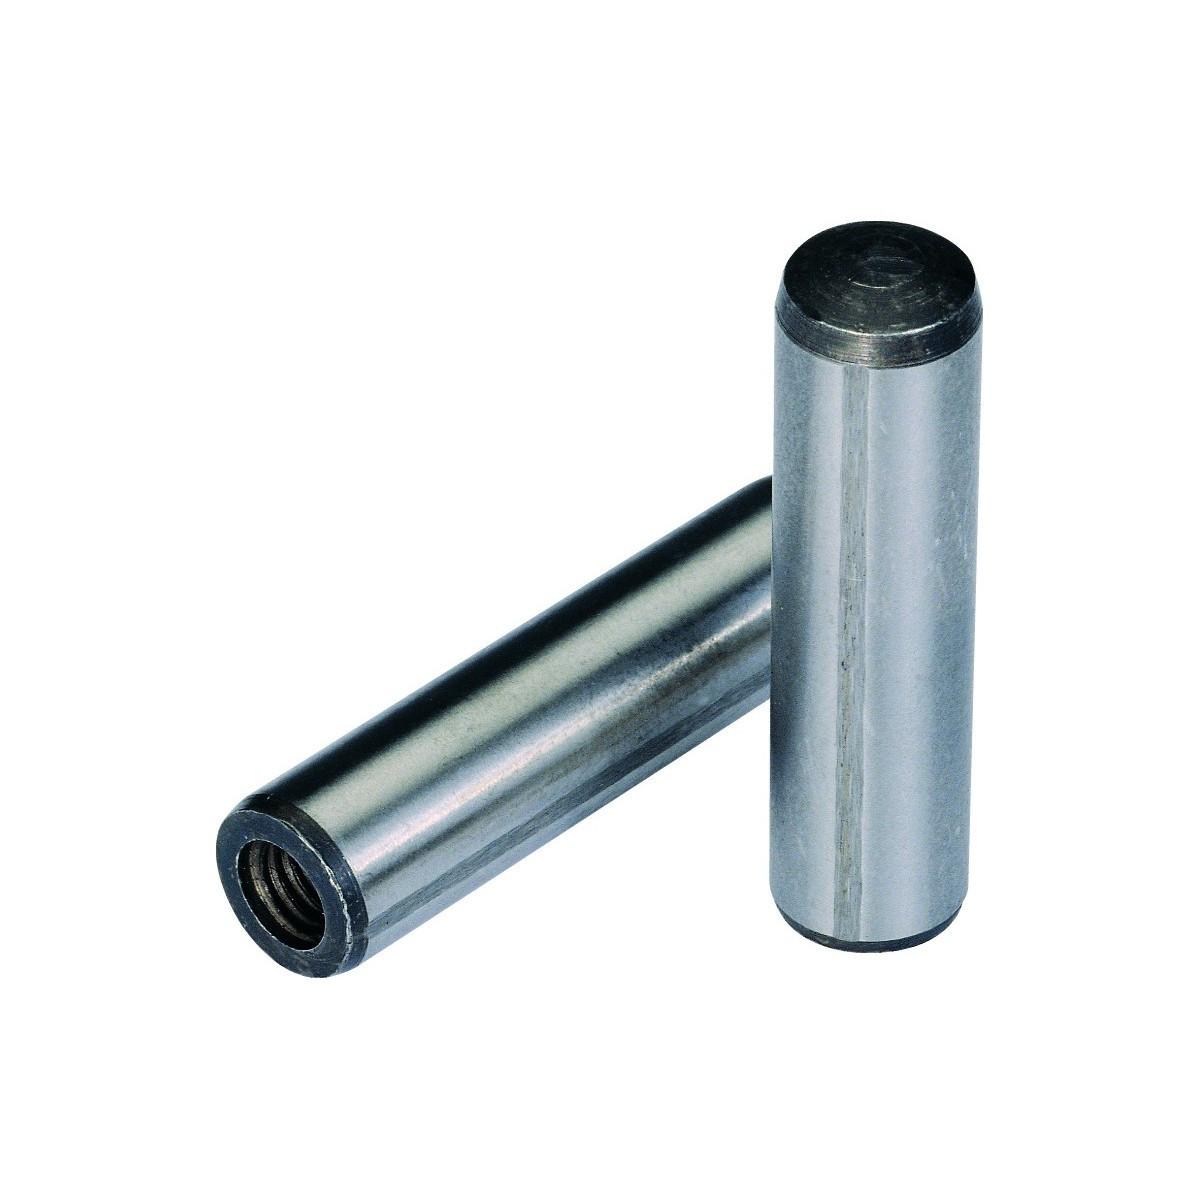 Штифт циліндричний MMG DIN 7979D M8 х 32 Клас 10.9 (Фосфат) 1 шт